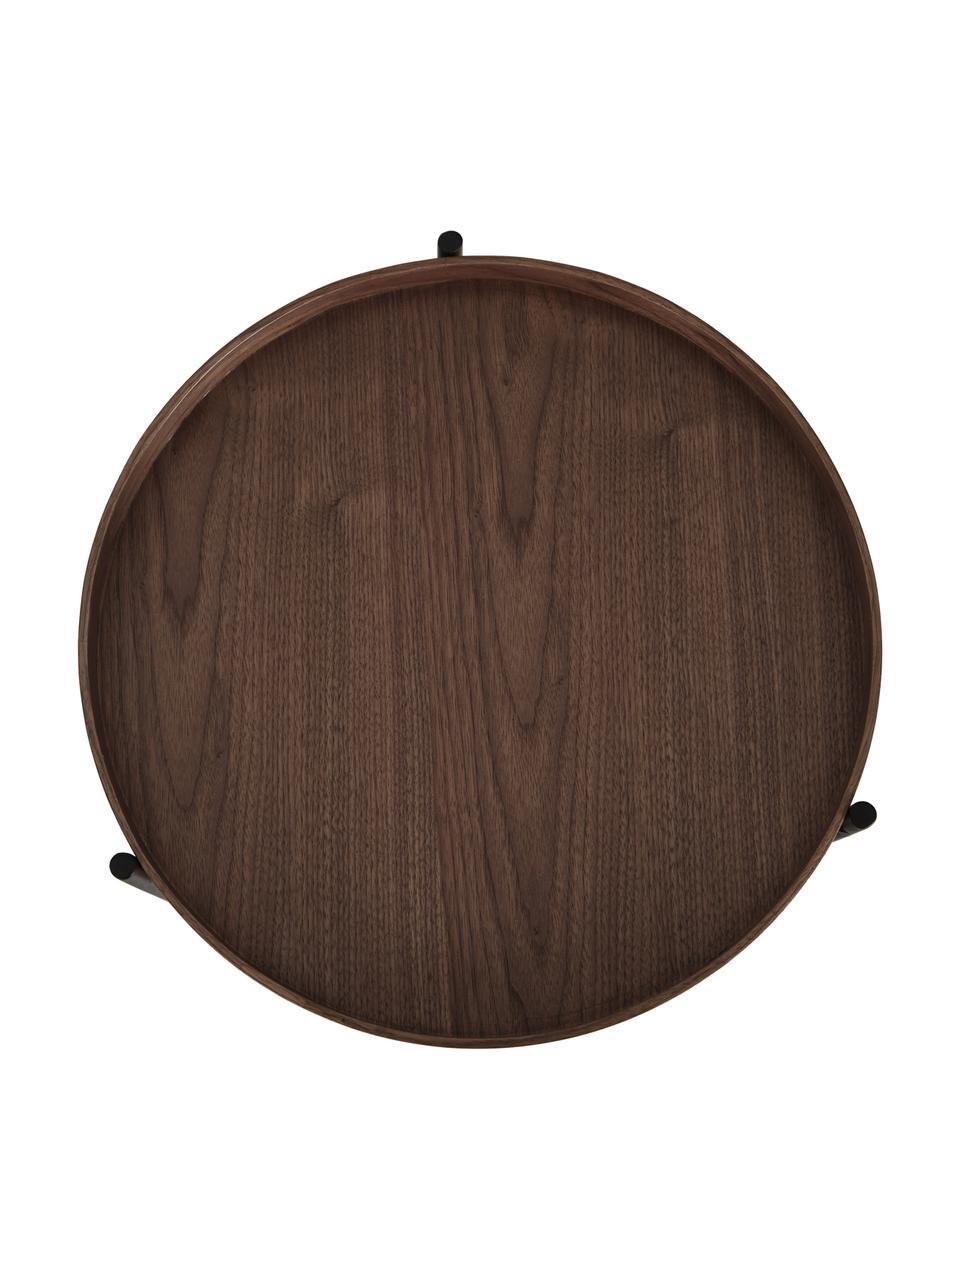 Holz-Beistelltisch Renee mit Walnussholzfurnier, Gestell: Metall, pulverbeschichtet, Walnussholz, Ø 44 x H 49 cm